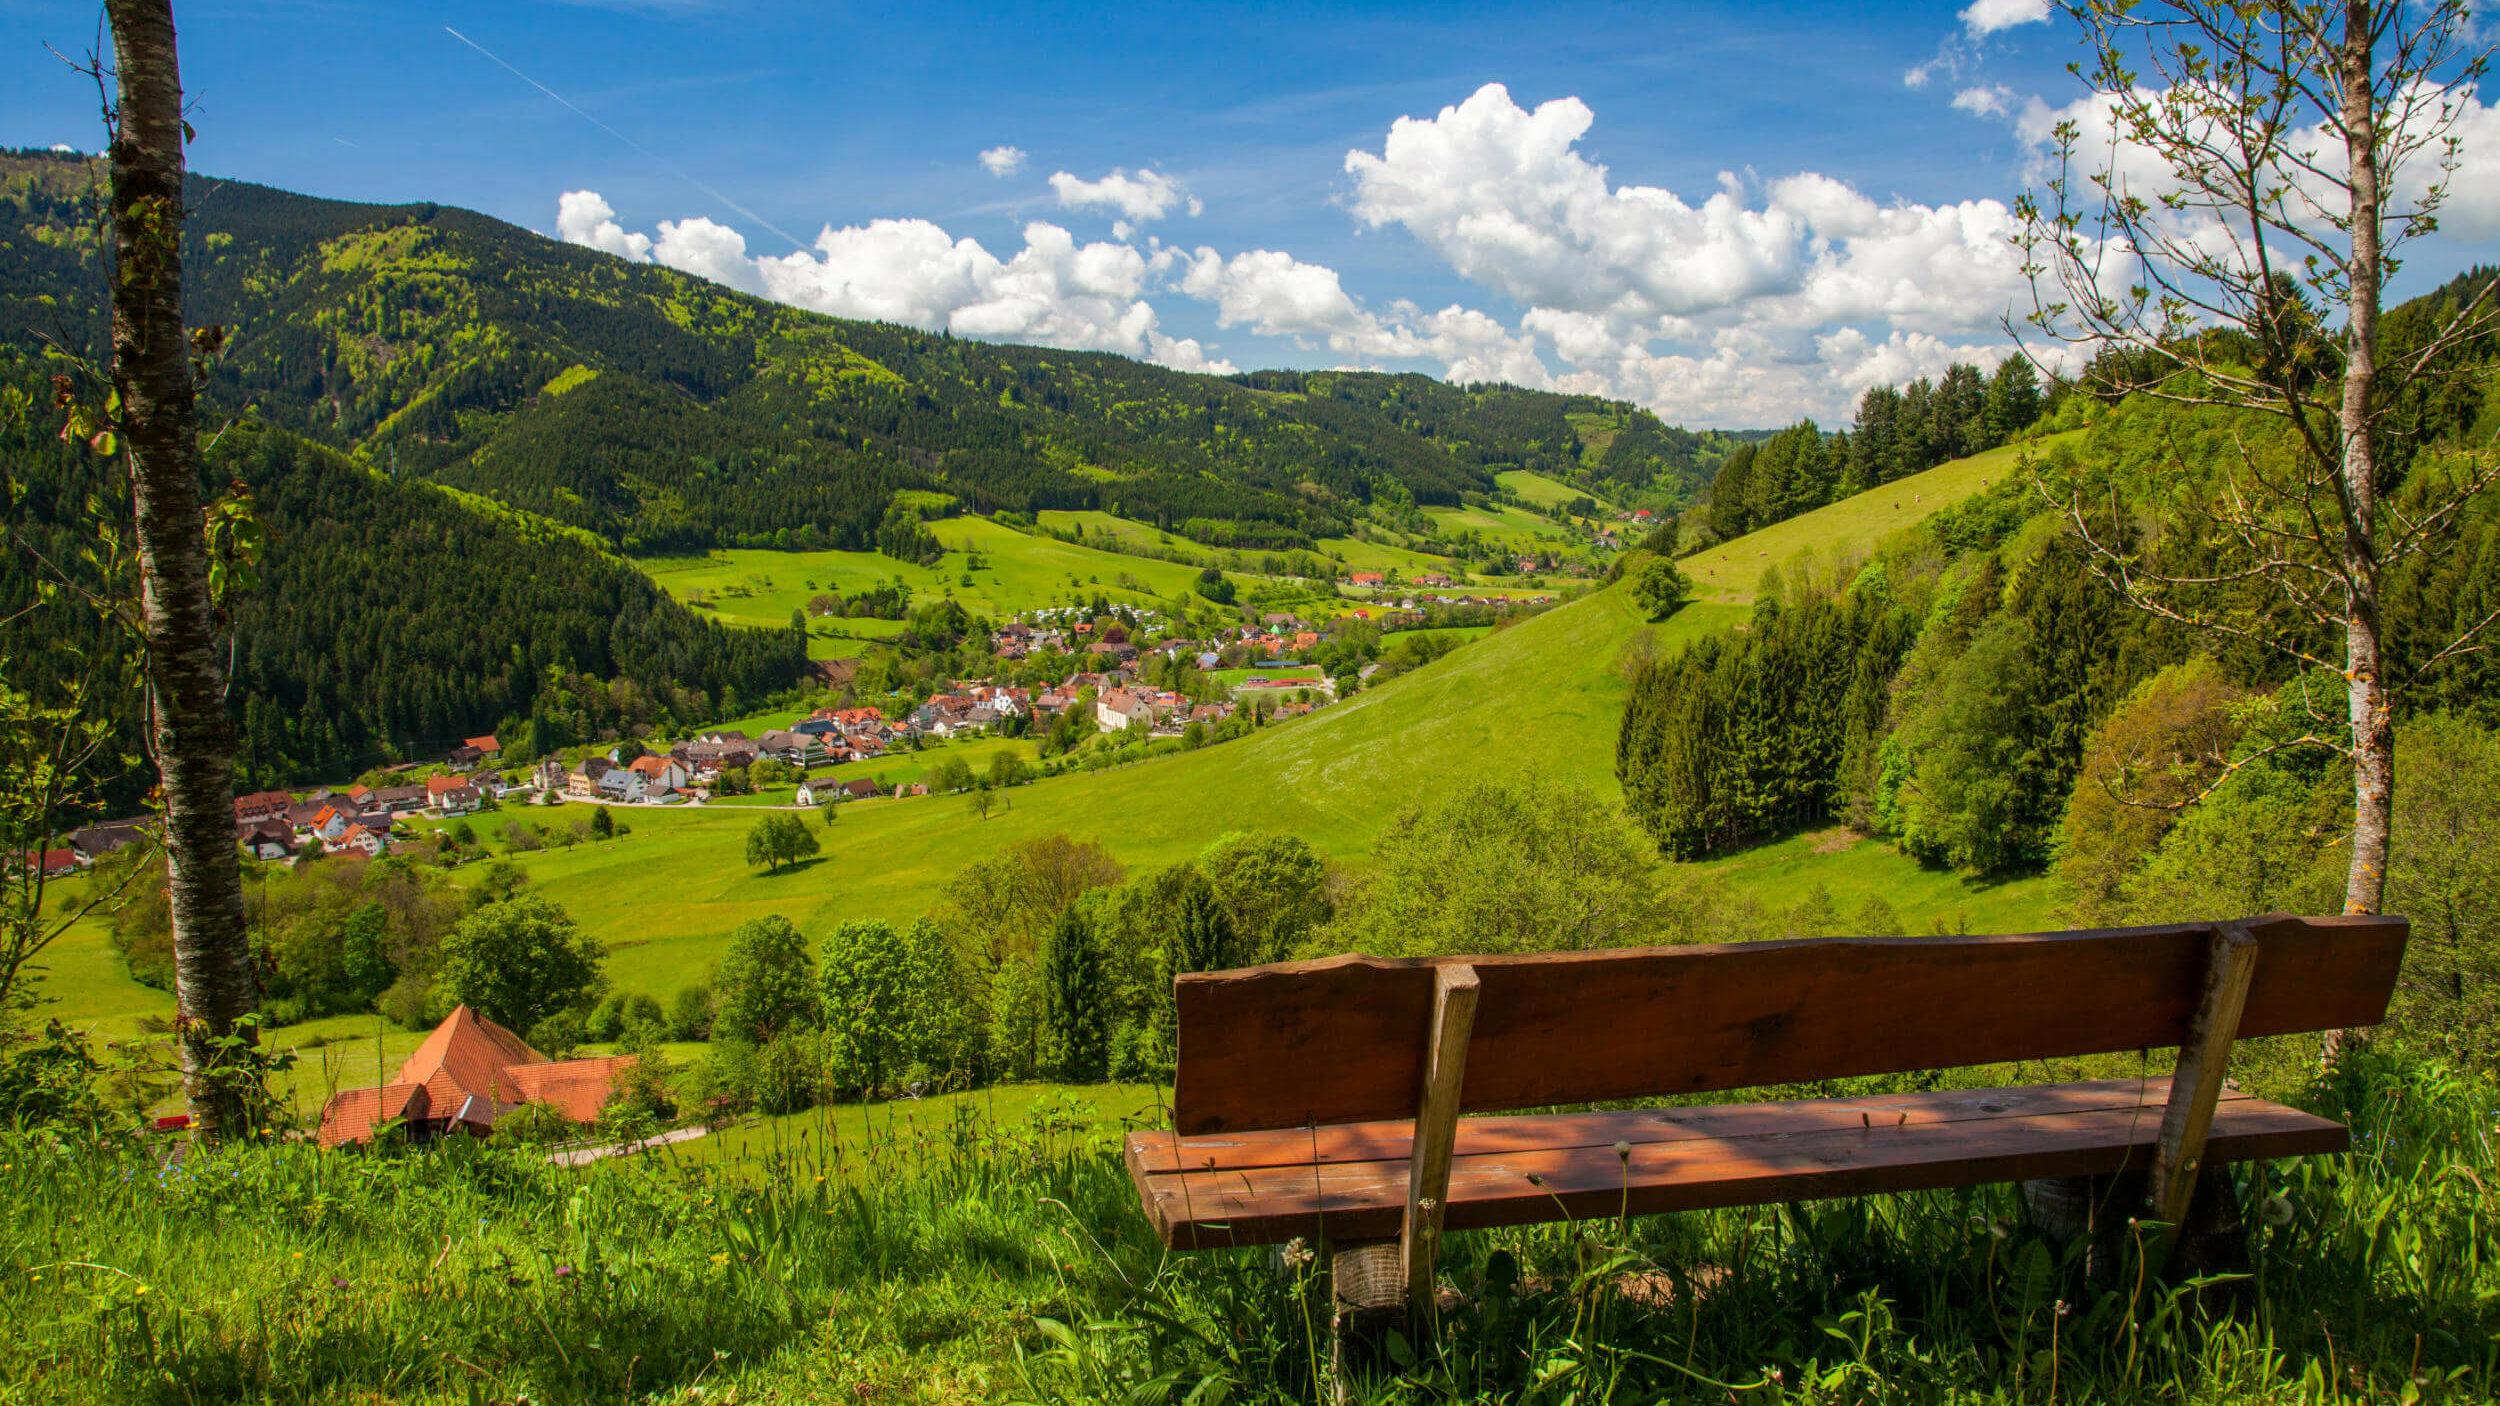 Eine urige Holzbank mit Blick ins Tal